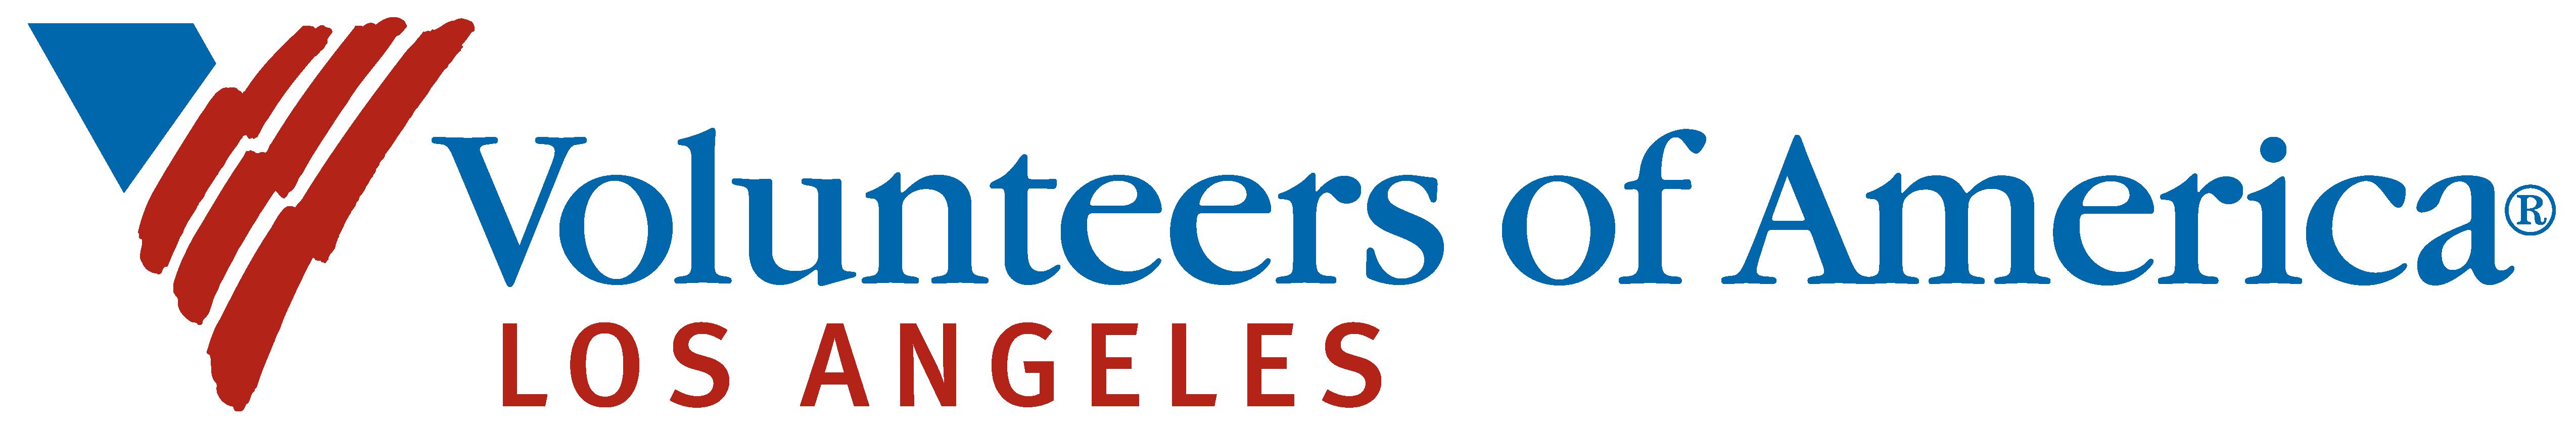 Volunteers of America Los Angeles's logo